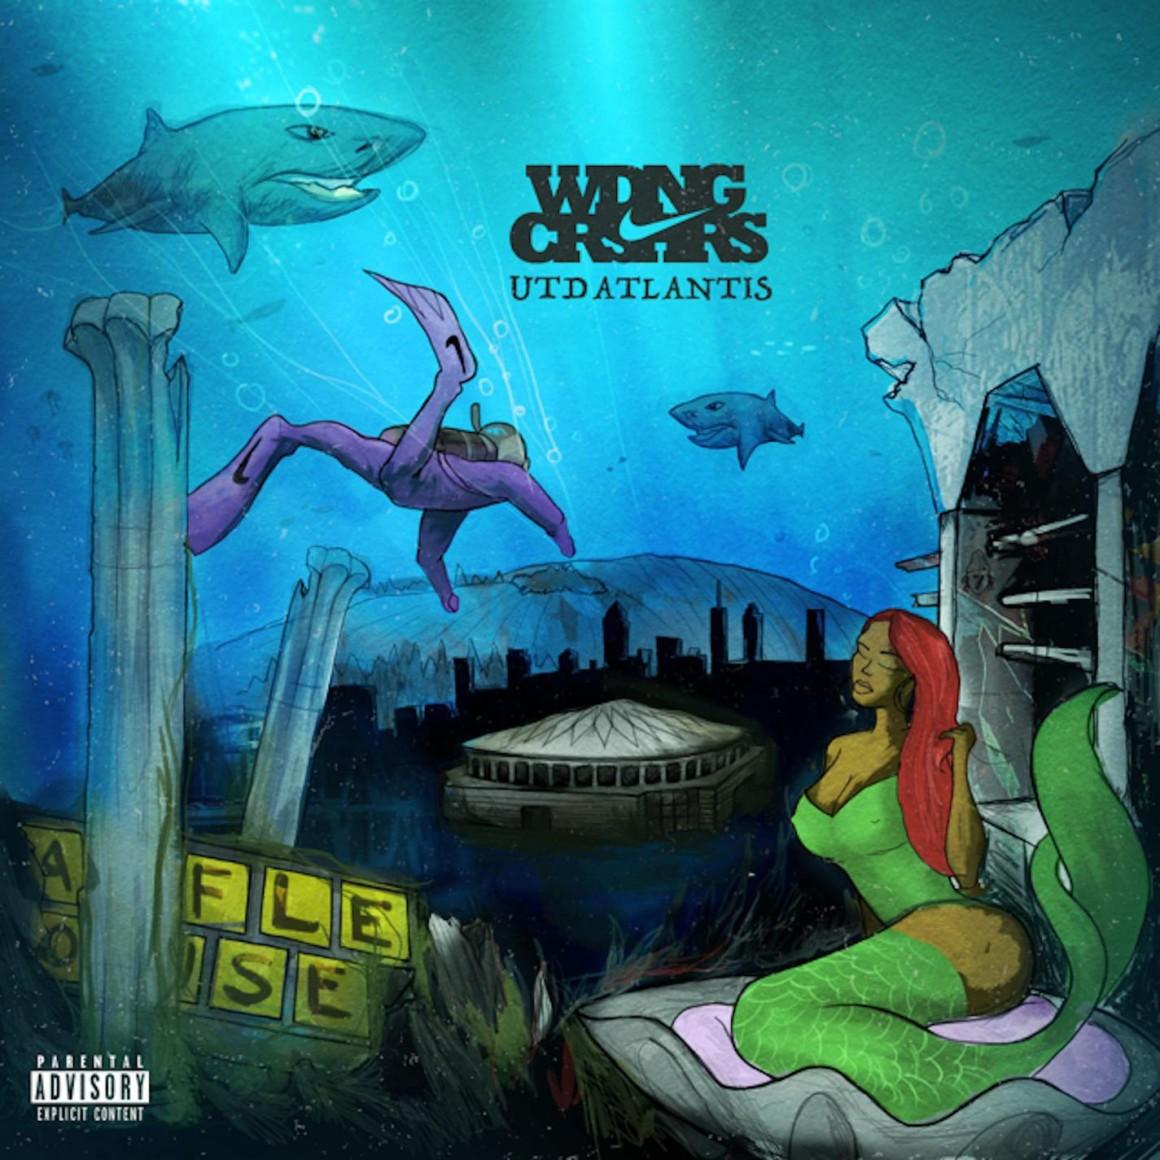 wdng-crshrs-utd-atlantis-mixtape-stream